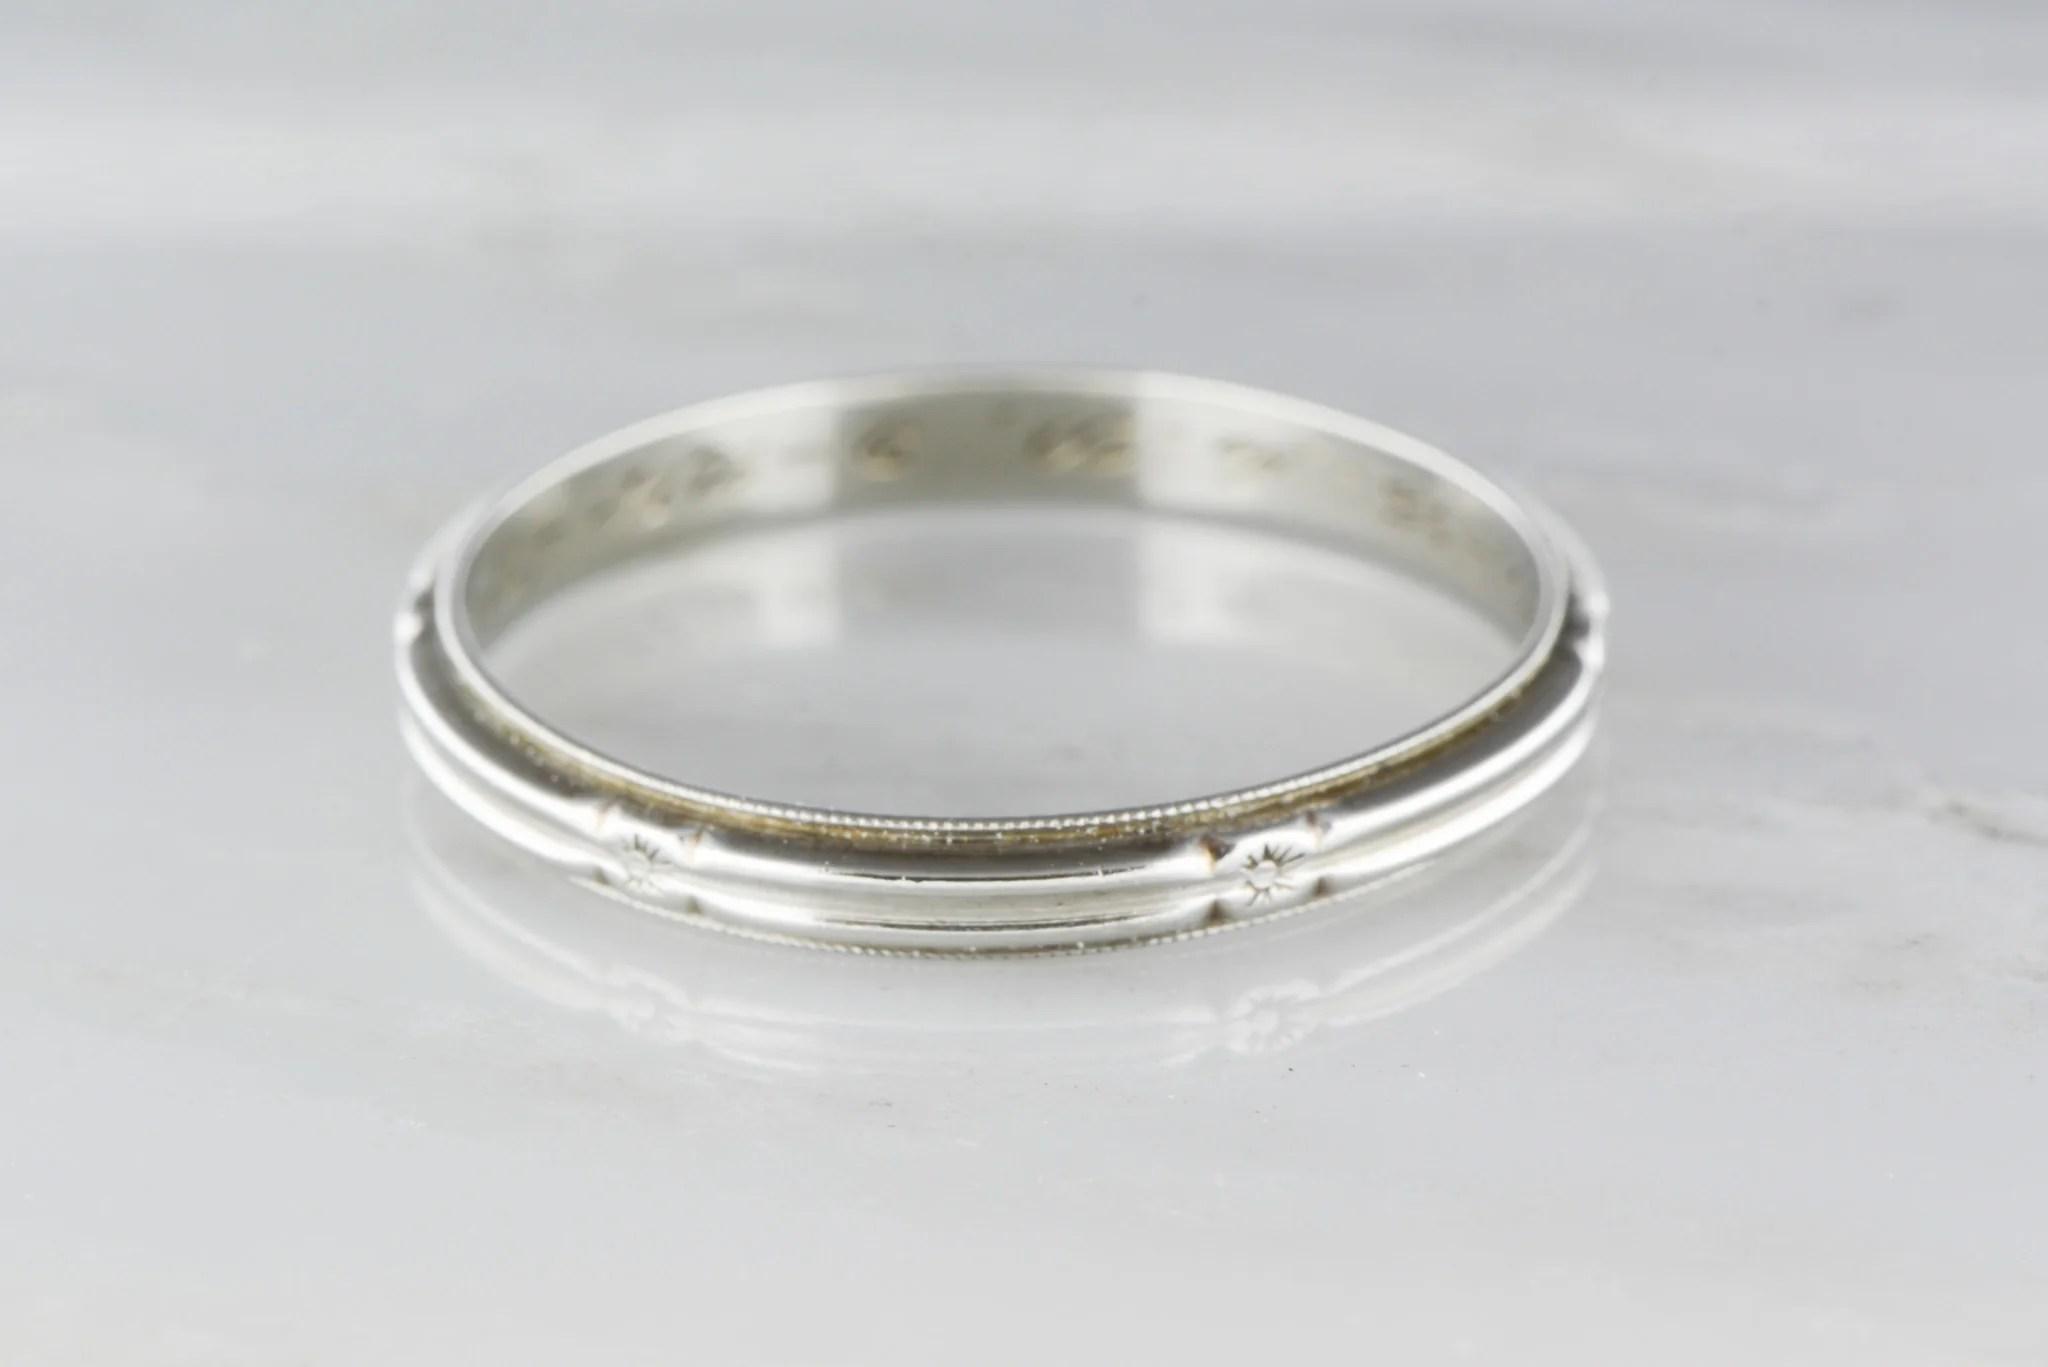 art deco band antique mens wedding bands Antique Men s 14K White Gold Art Deco Wedding Band Engraved 9 24 34 TS